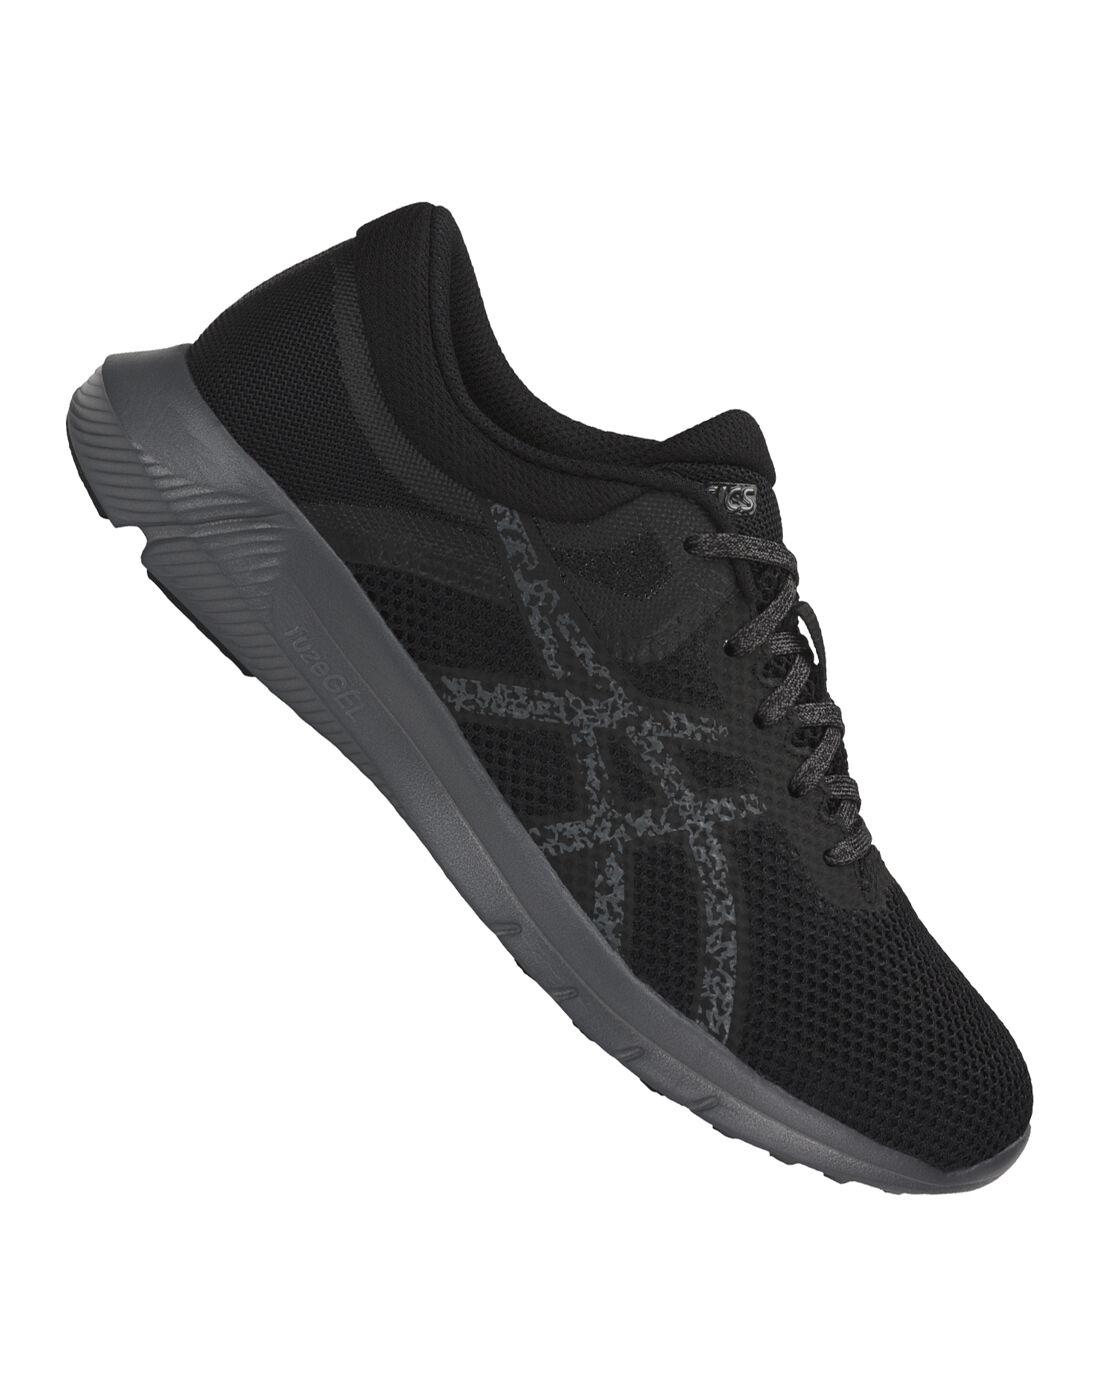 ASICS Women's Nitrofuze 2 Training Shoes